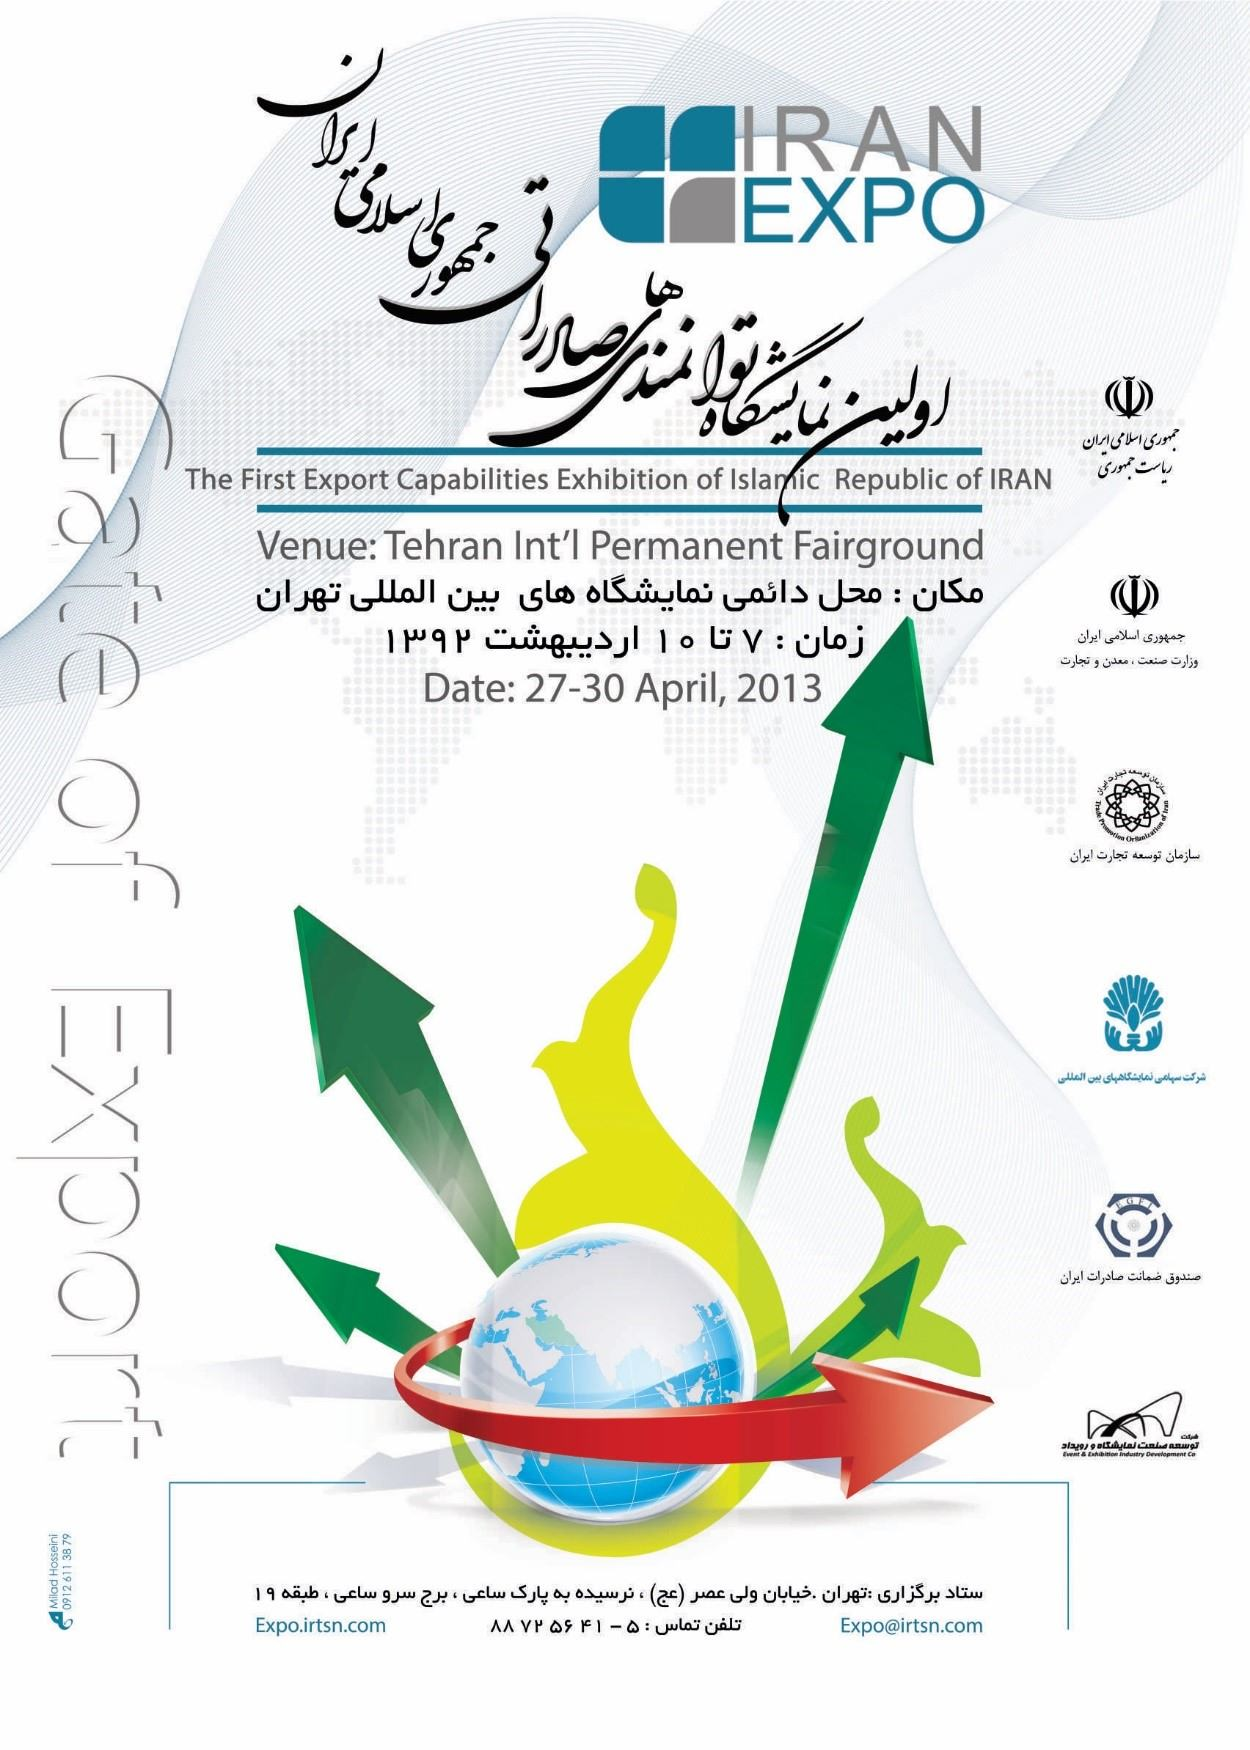 پوستر اولین دوره نمایشگاه ایران اکسپو